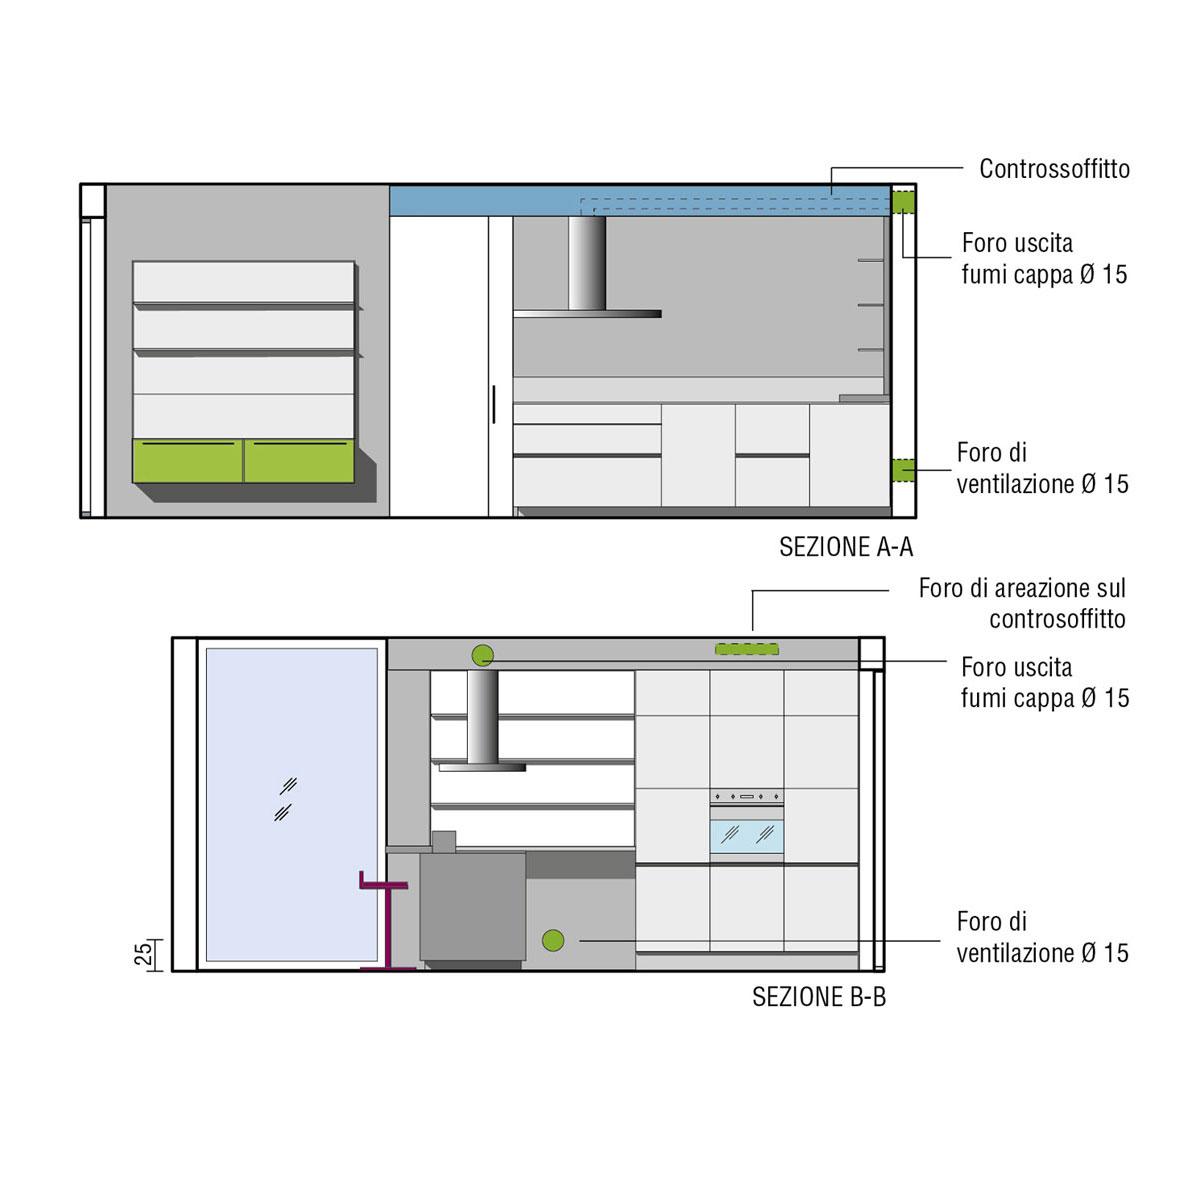 Cucine con penisola design valcucine - Foro areazione cucina ...